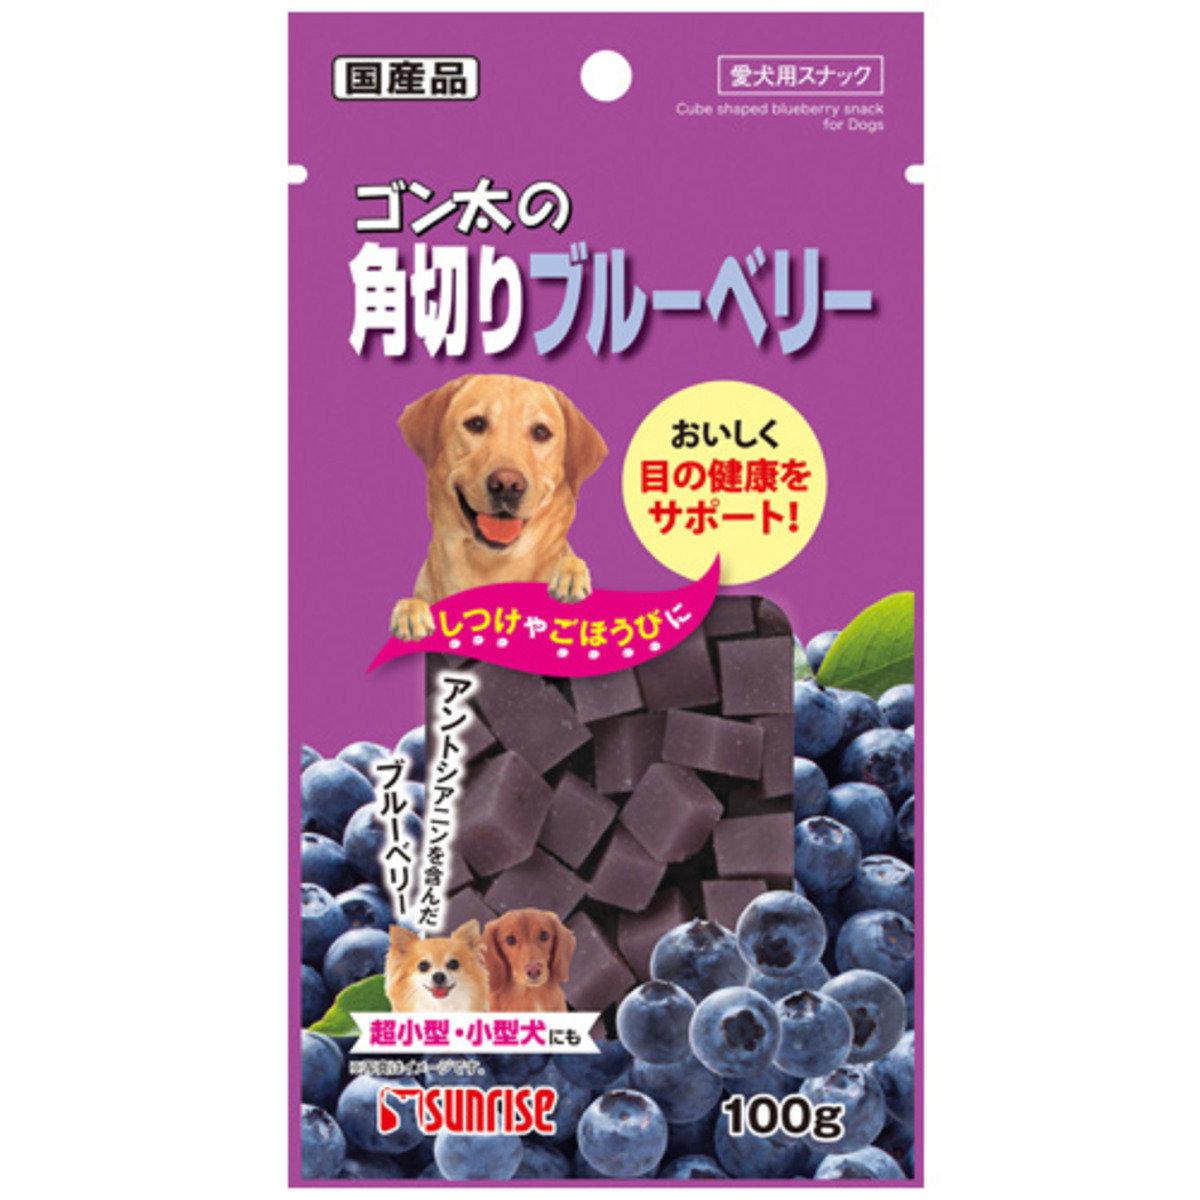 日本 SUNRISE 藍莓切粒  100g